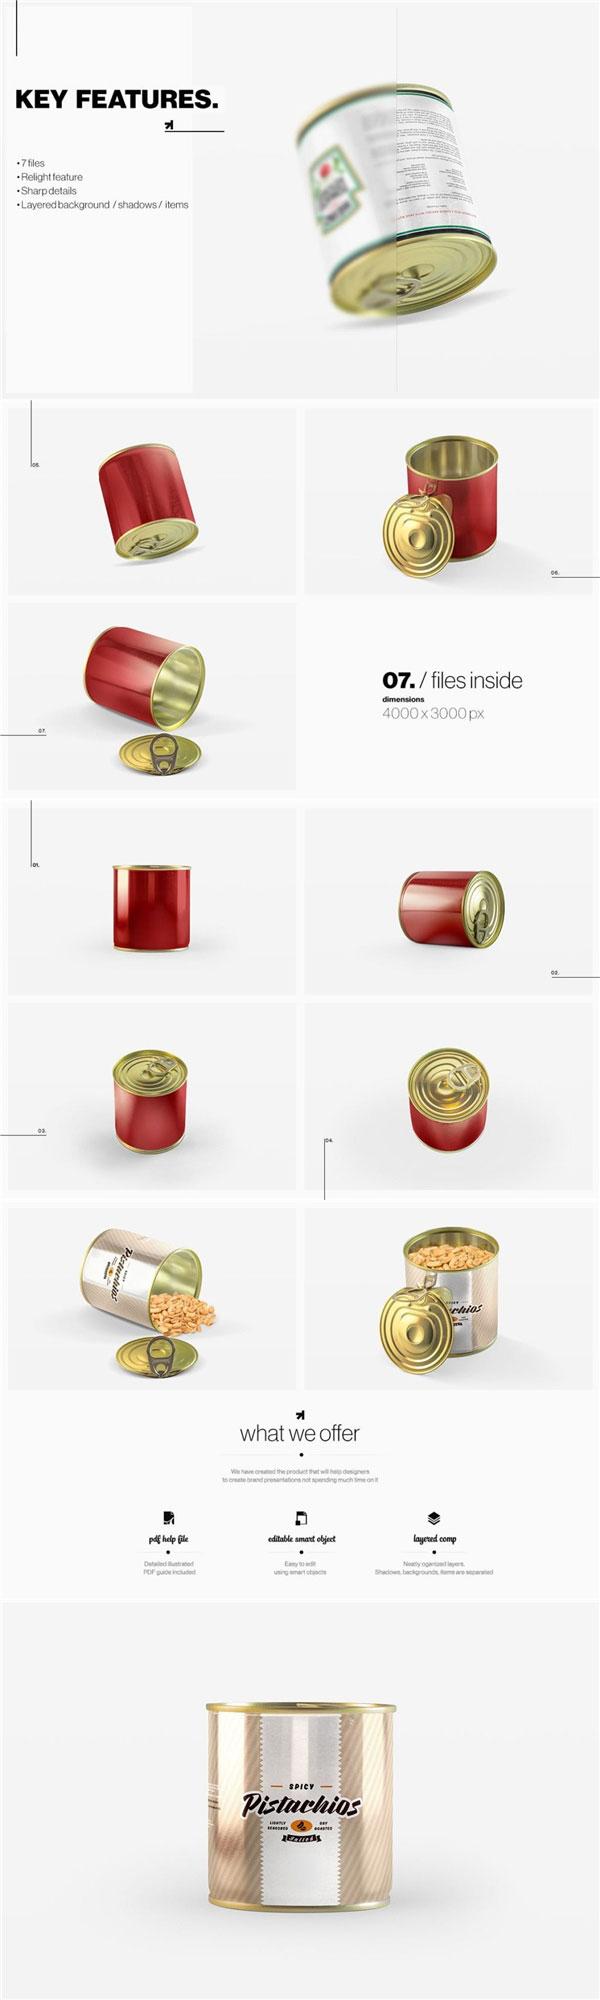 食品锡罐包装样机